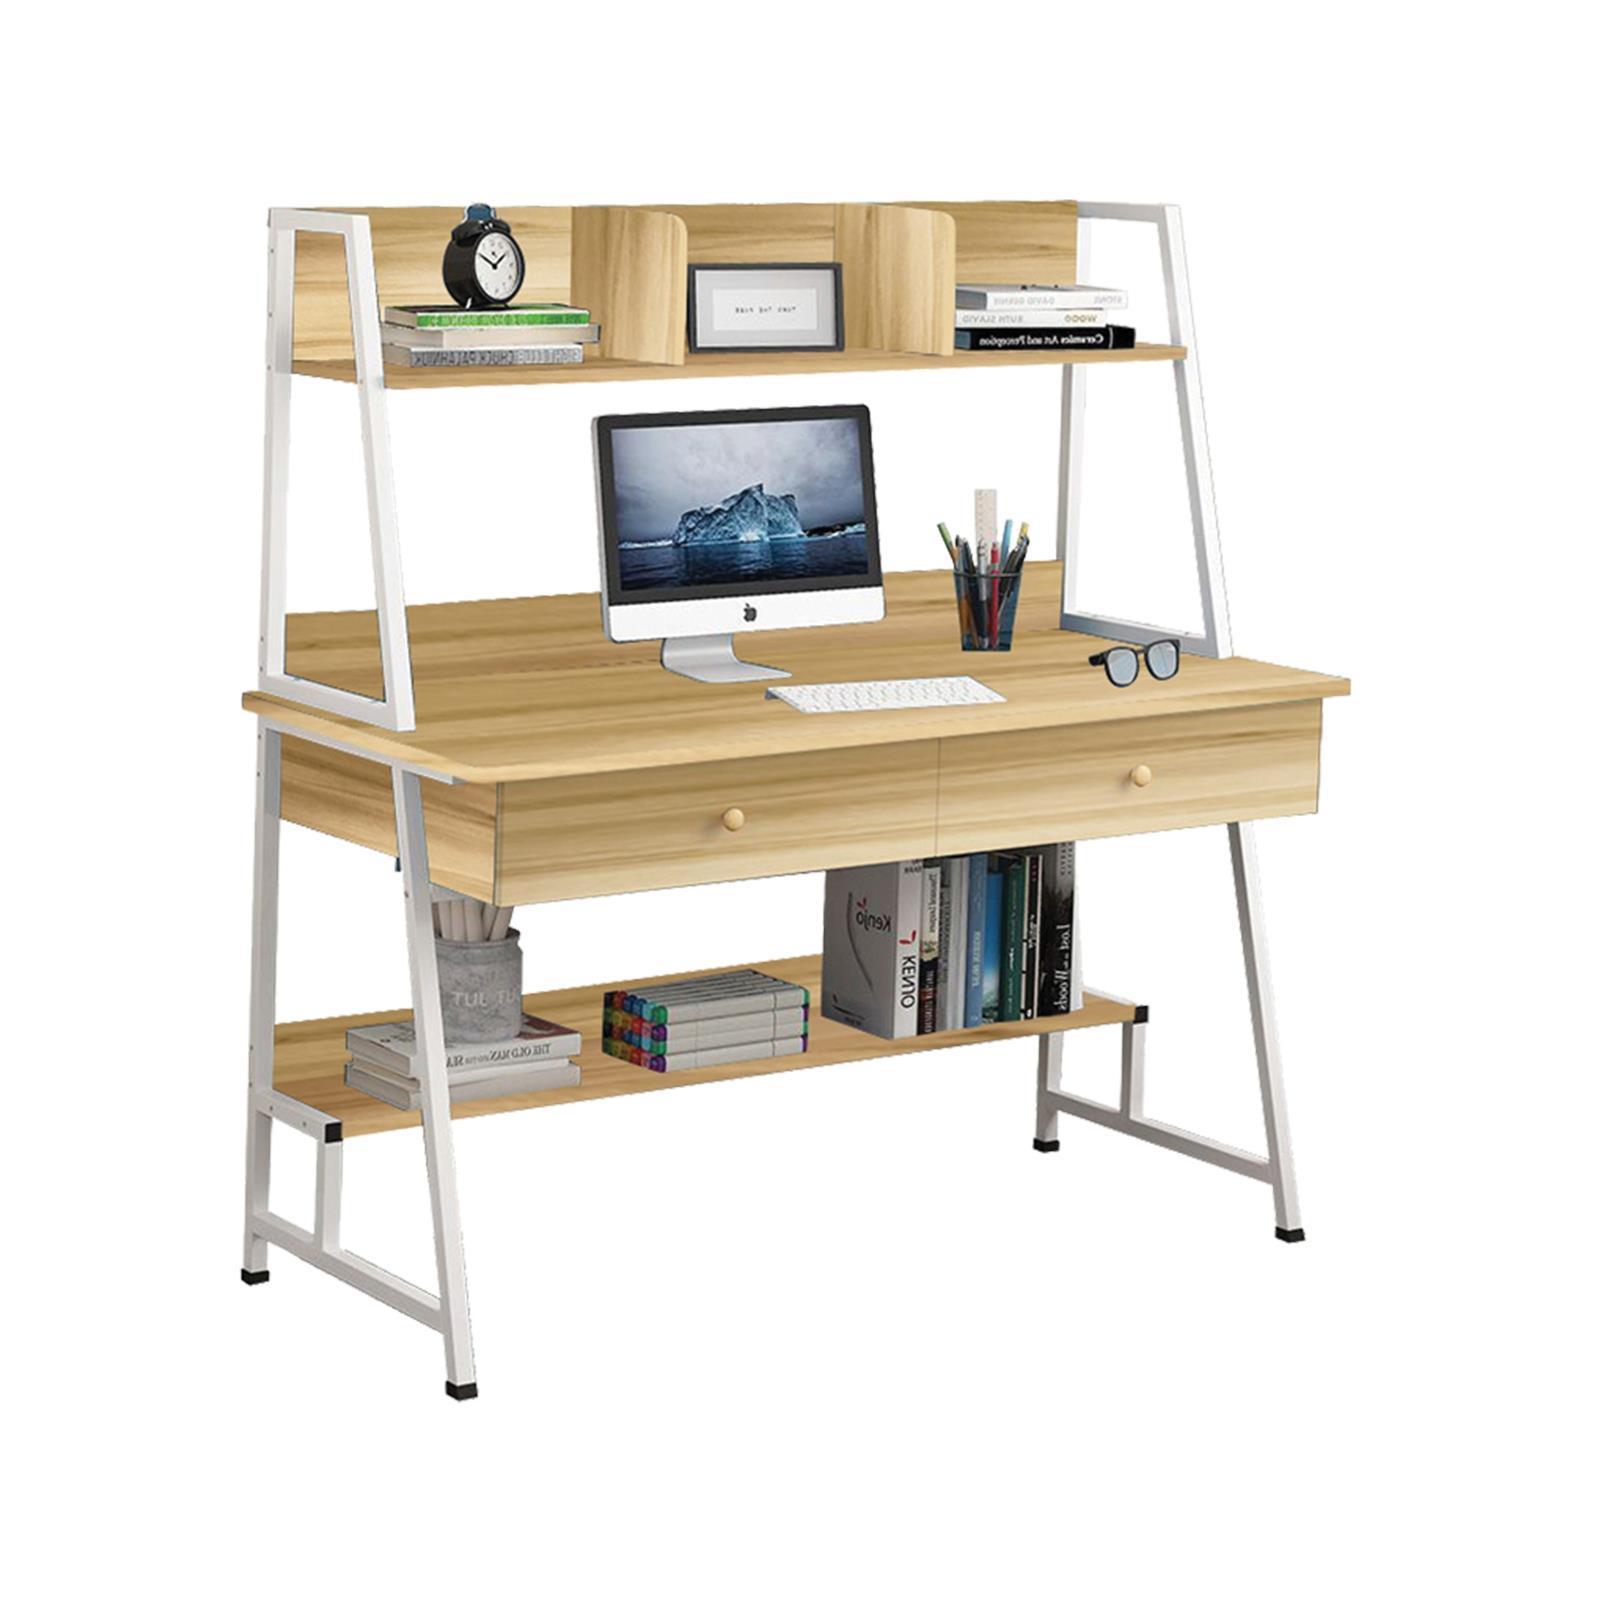 Γραφείο υπολογιστή Υ73/137x120x48εκ. mdf sonoma και μεταλλικό άσπρο σκελετό